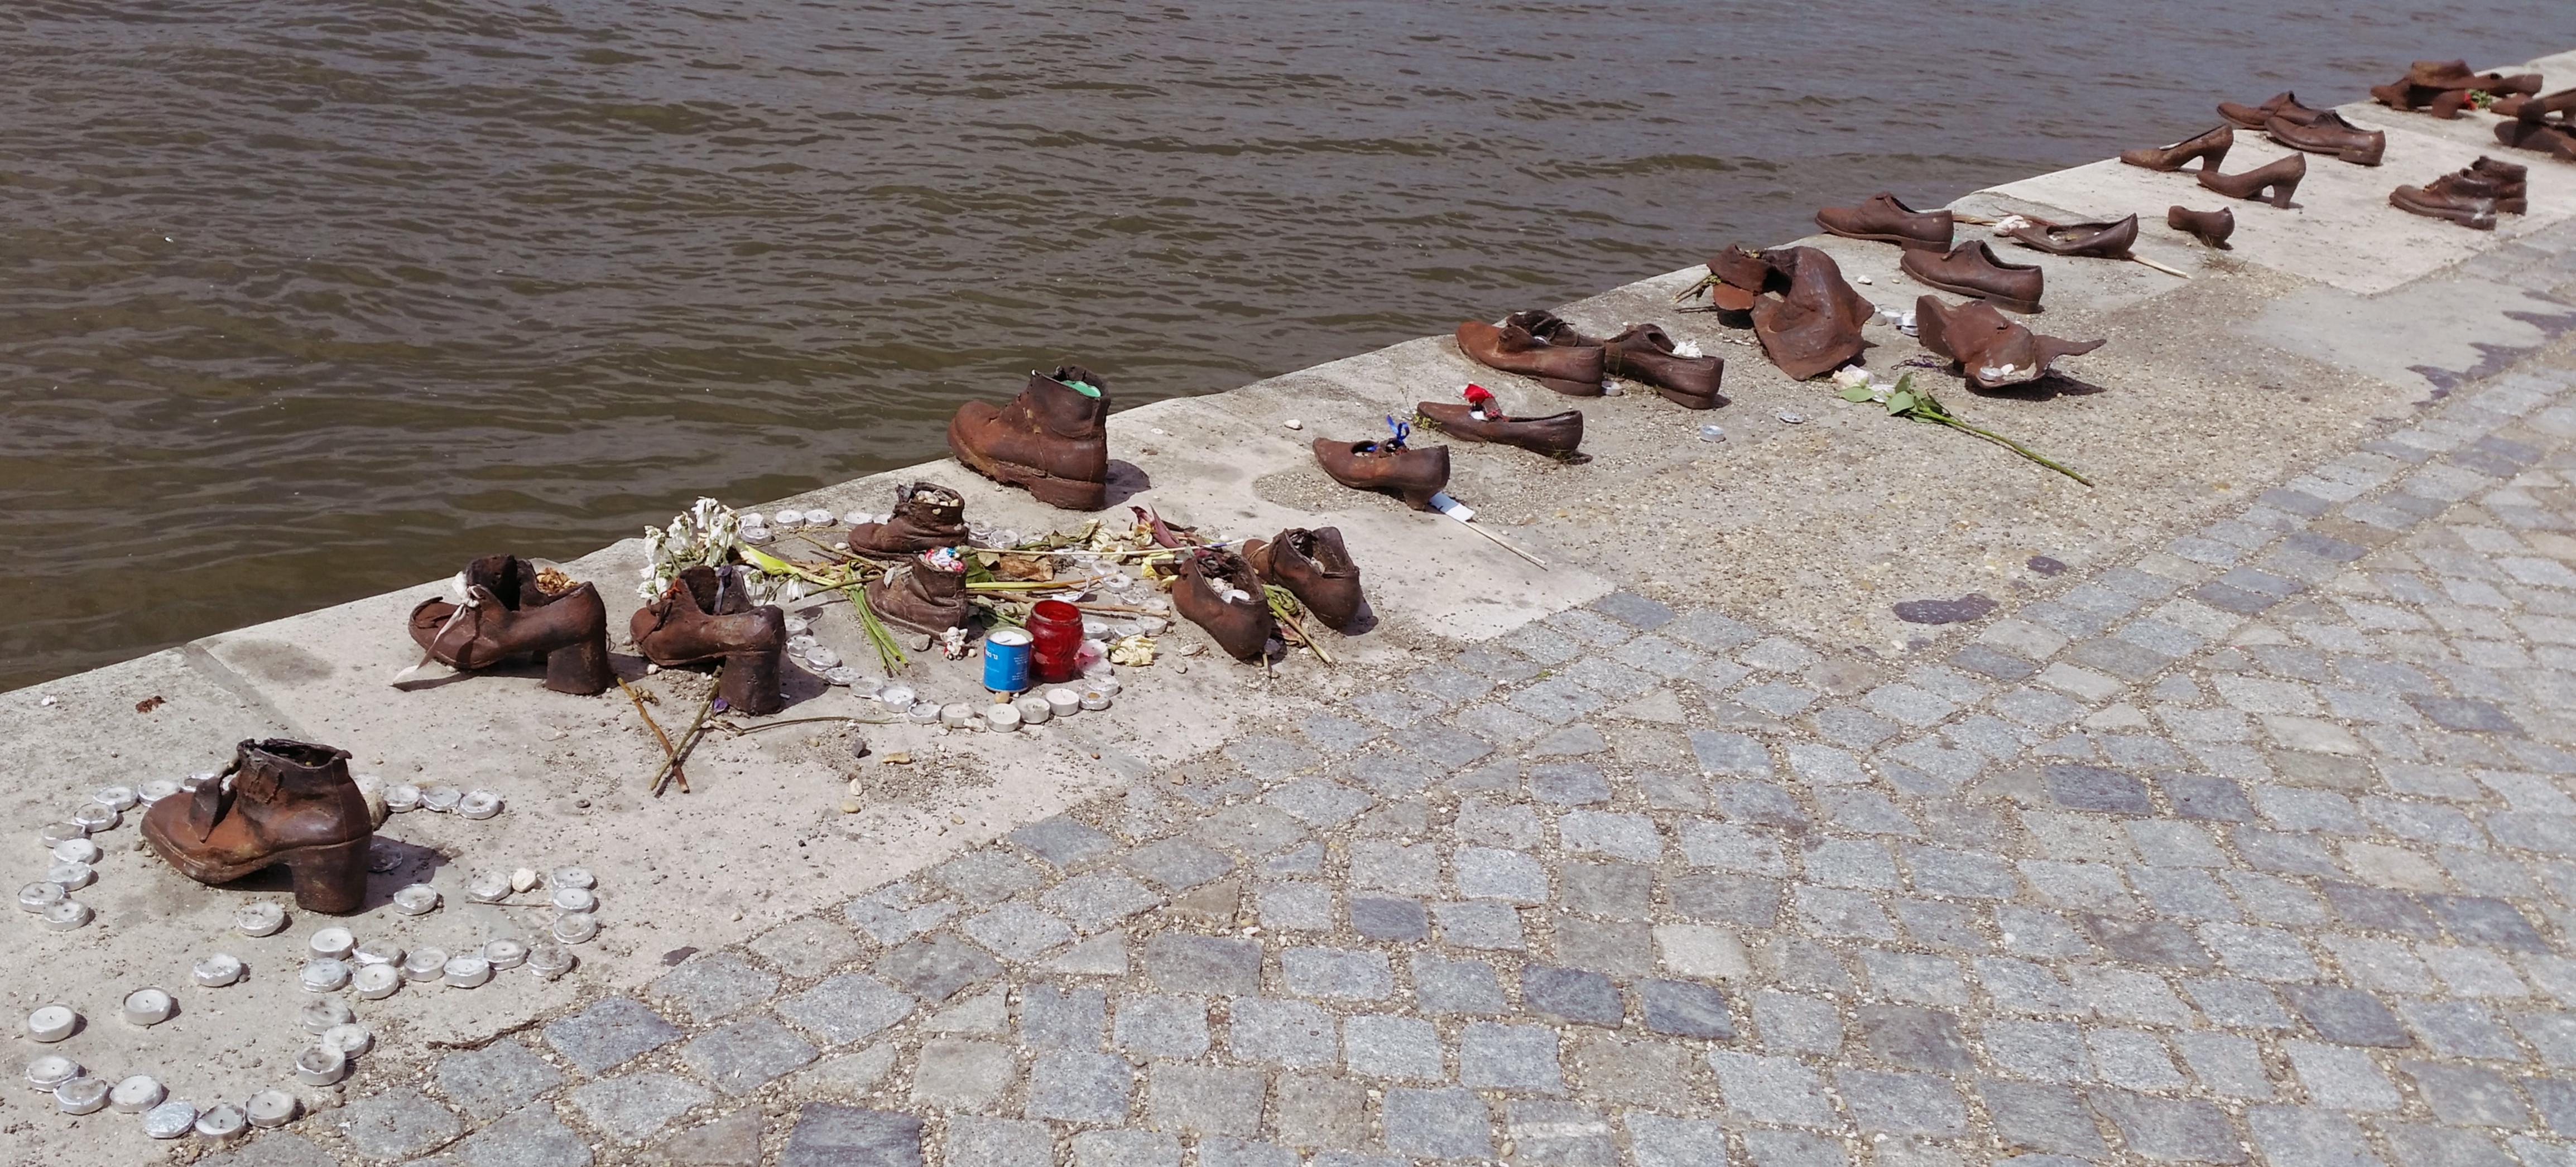 passeggiata scarpe